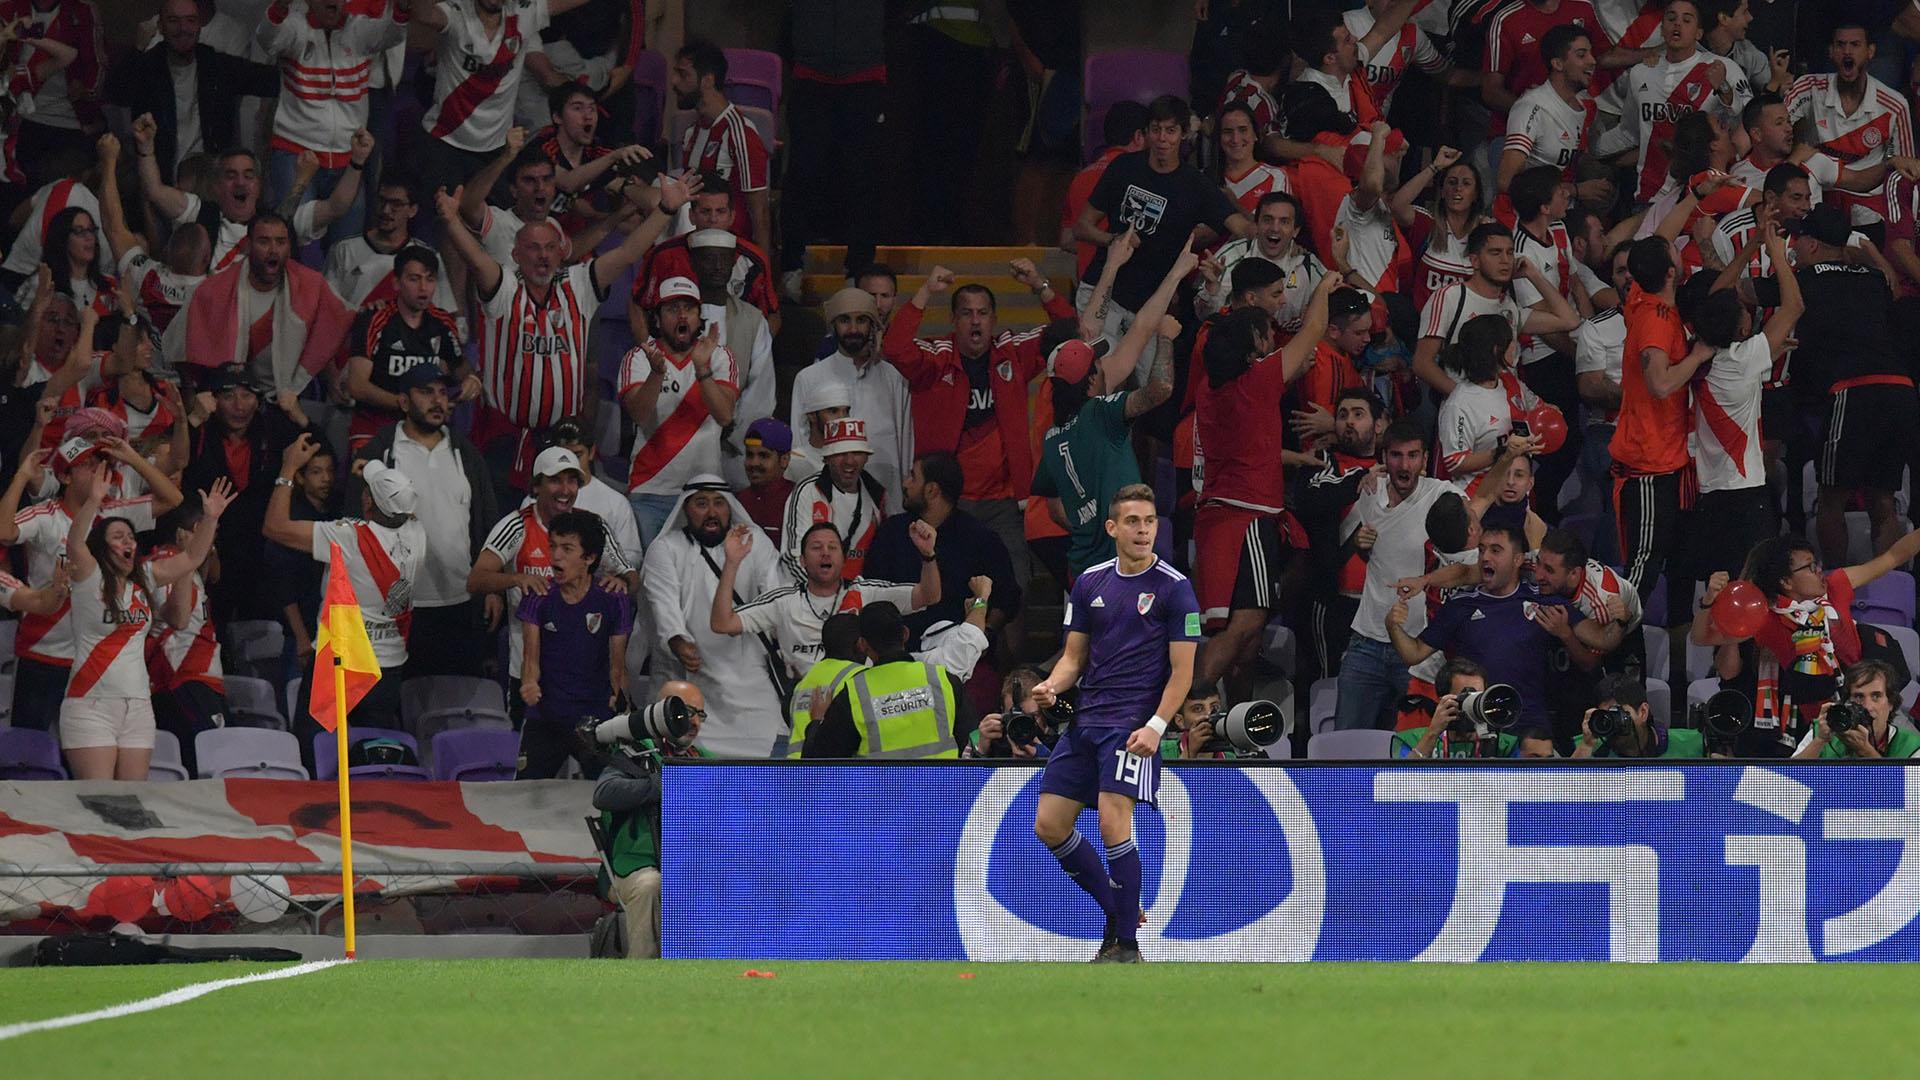 El colombiano Santos Borré fue el autor de los dos goles de River